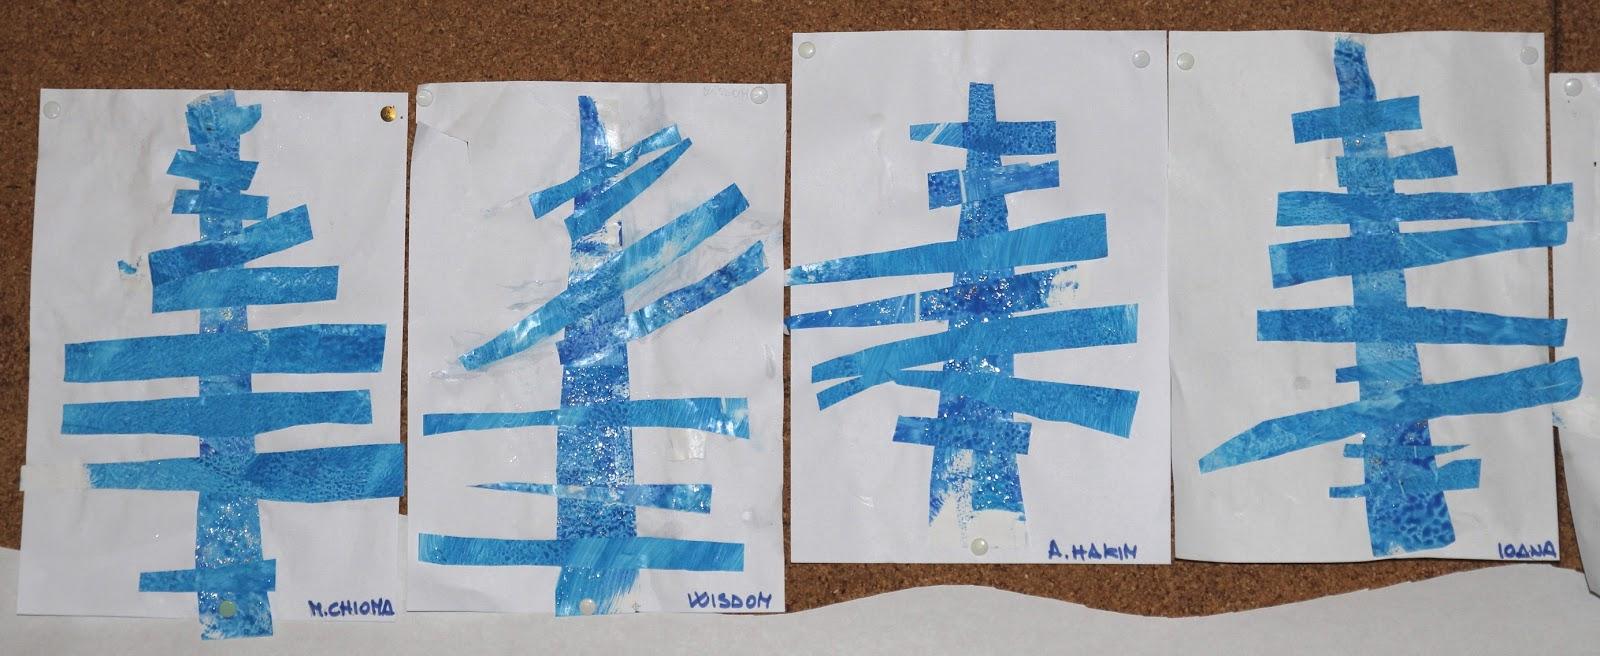 Alberi invernali scuola dell 39 infanzia piaget for Addobbi inverno scuola dell infanzia